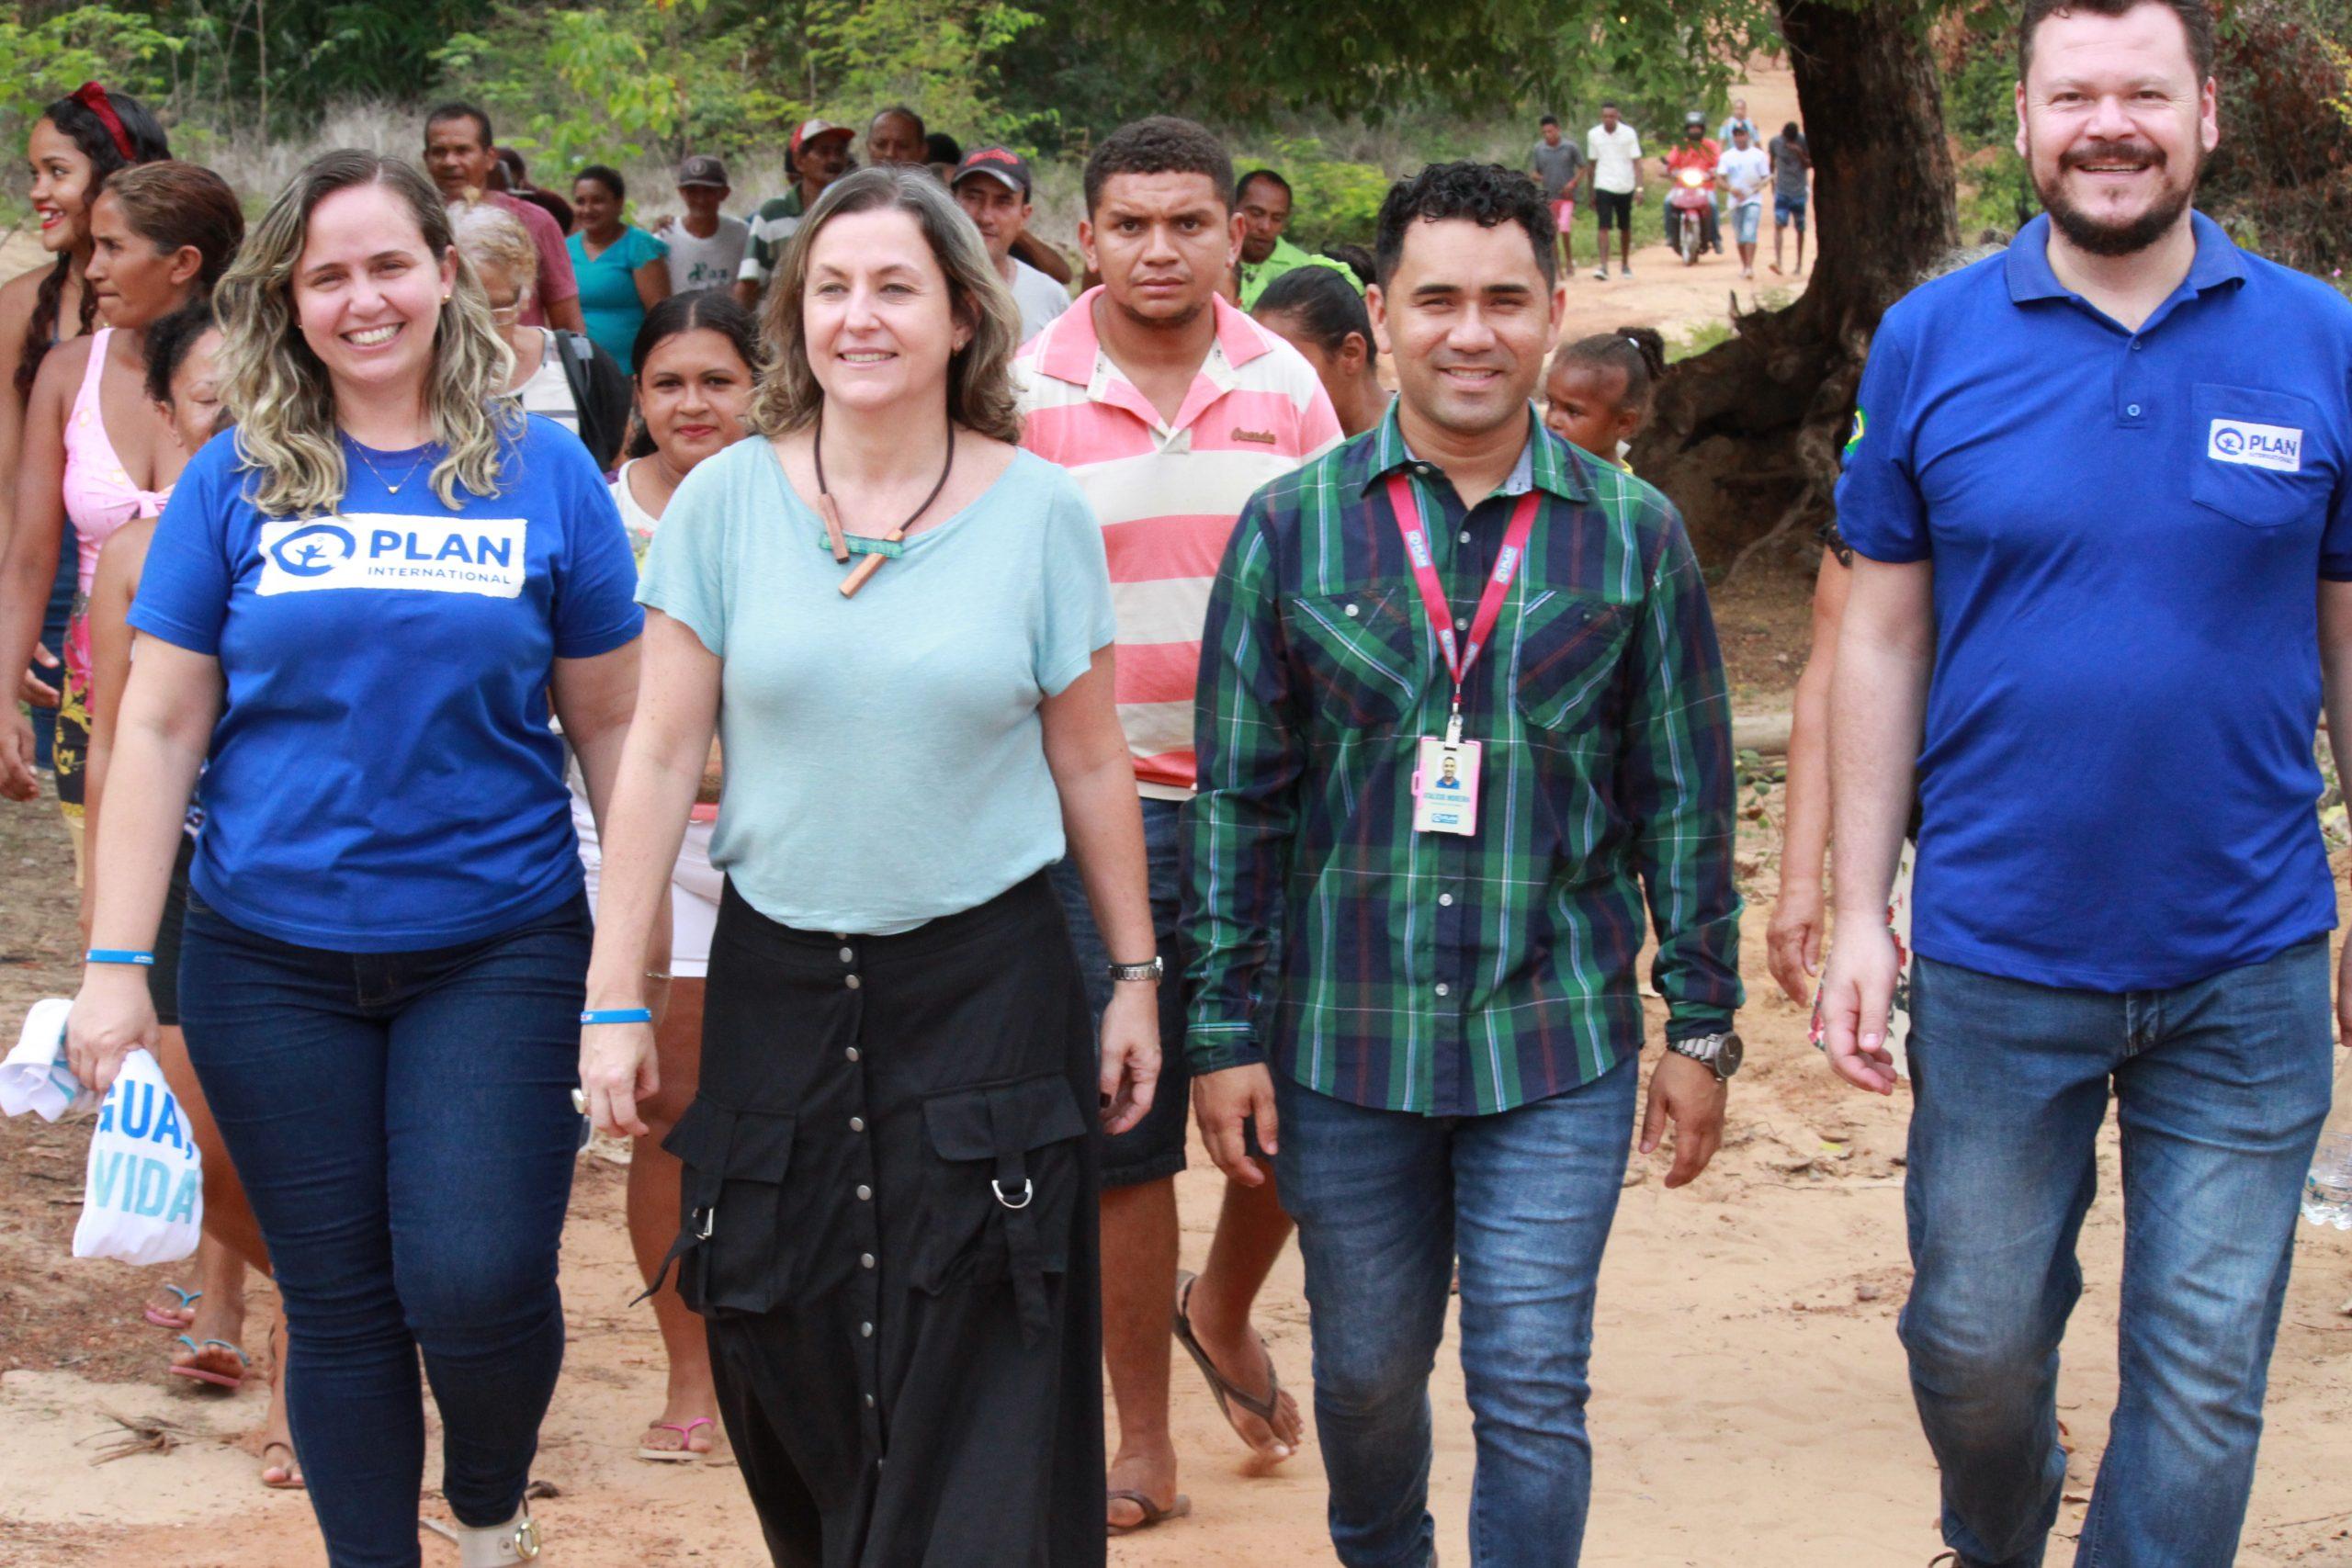 Duas mulheres e dois homens caminham lado a lado. Atrás deles, há algumas pessoas caminhando também. Todos sorriem.